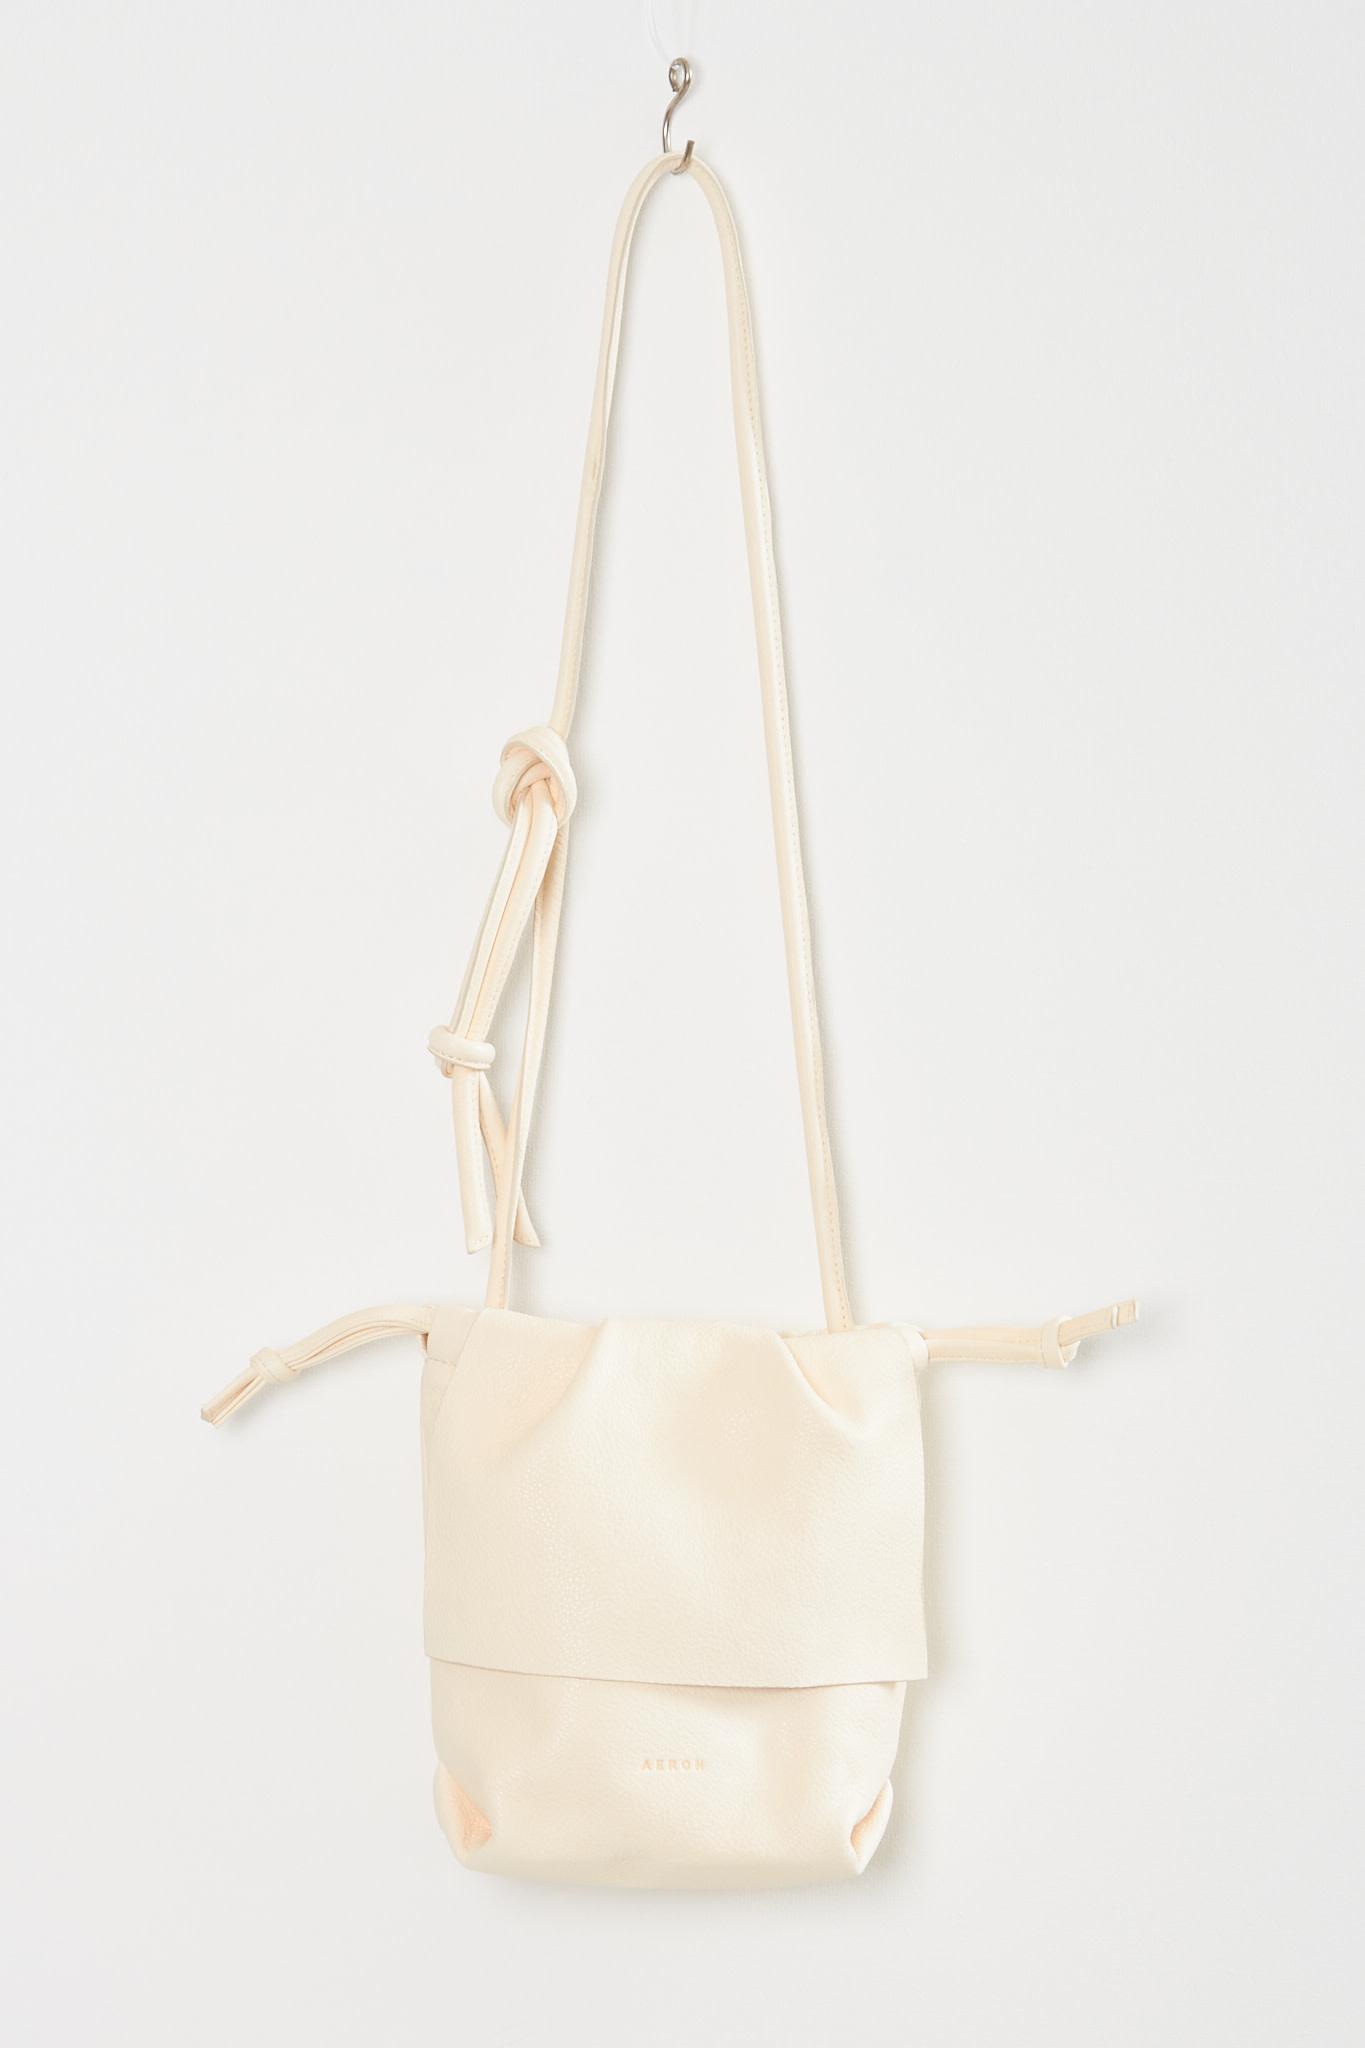 Aeron Hana bag